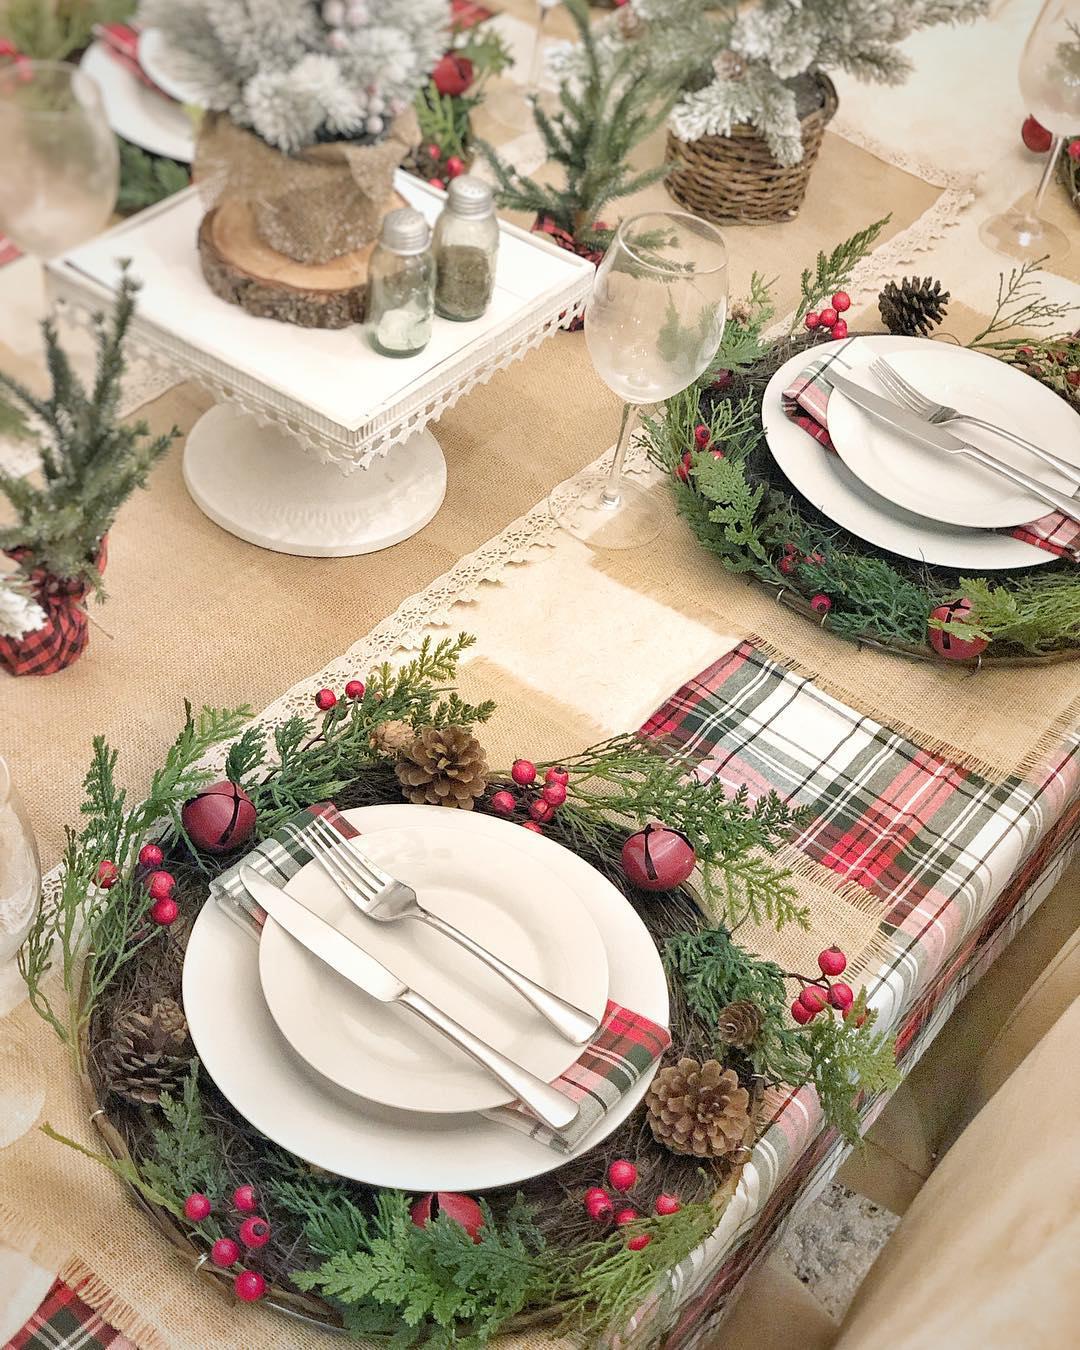 Farmhouse Christmas Table Setting | CNS Designs & Decor